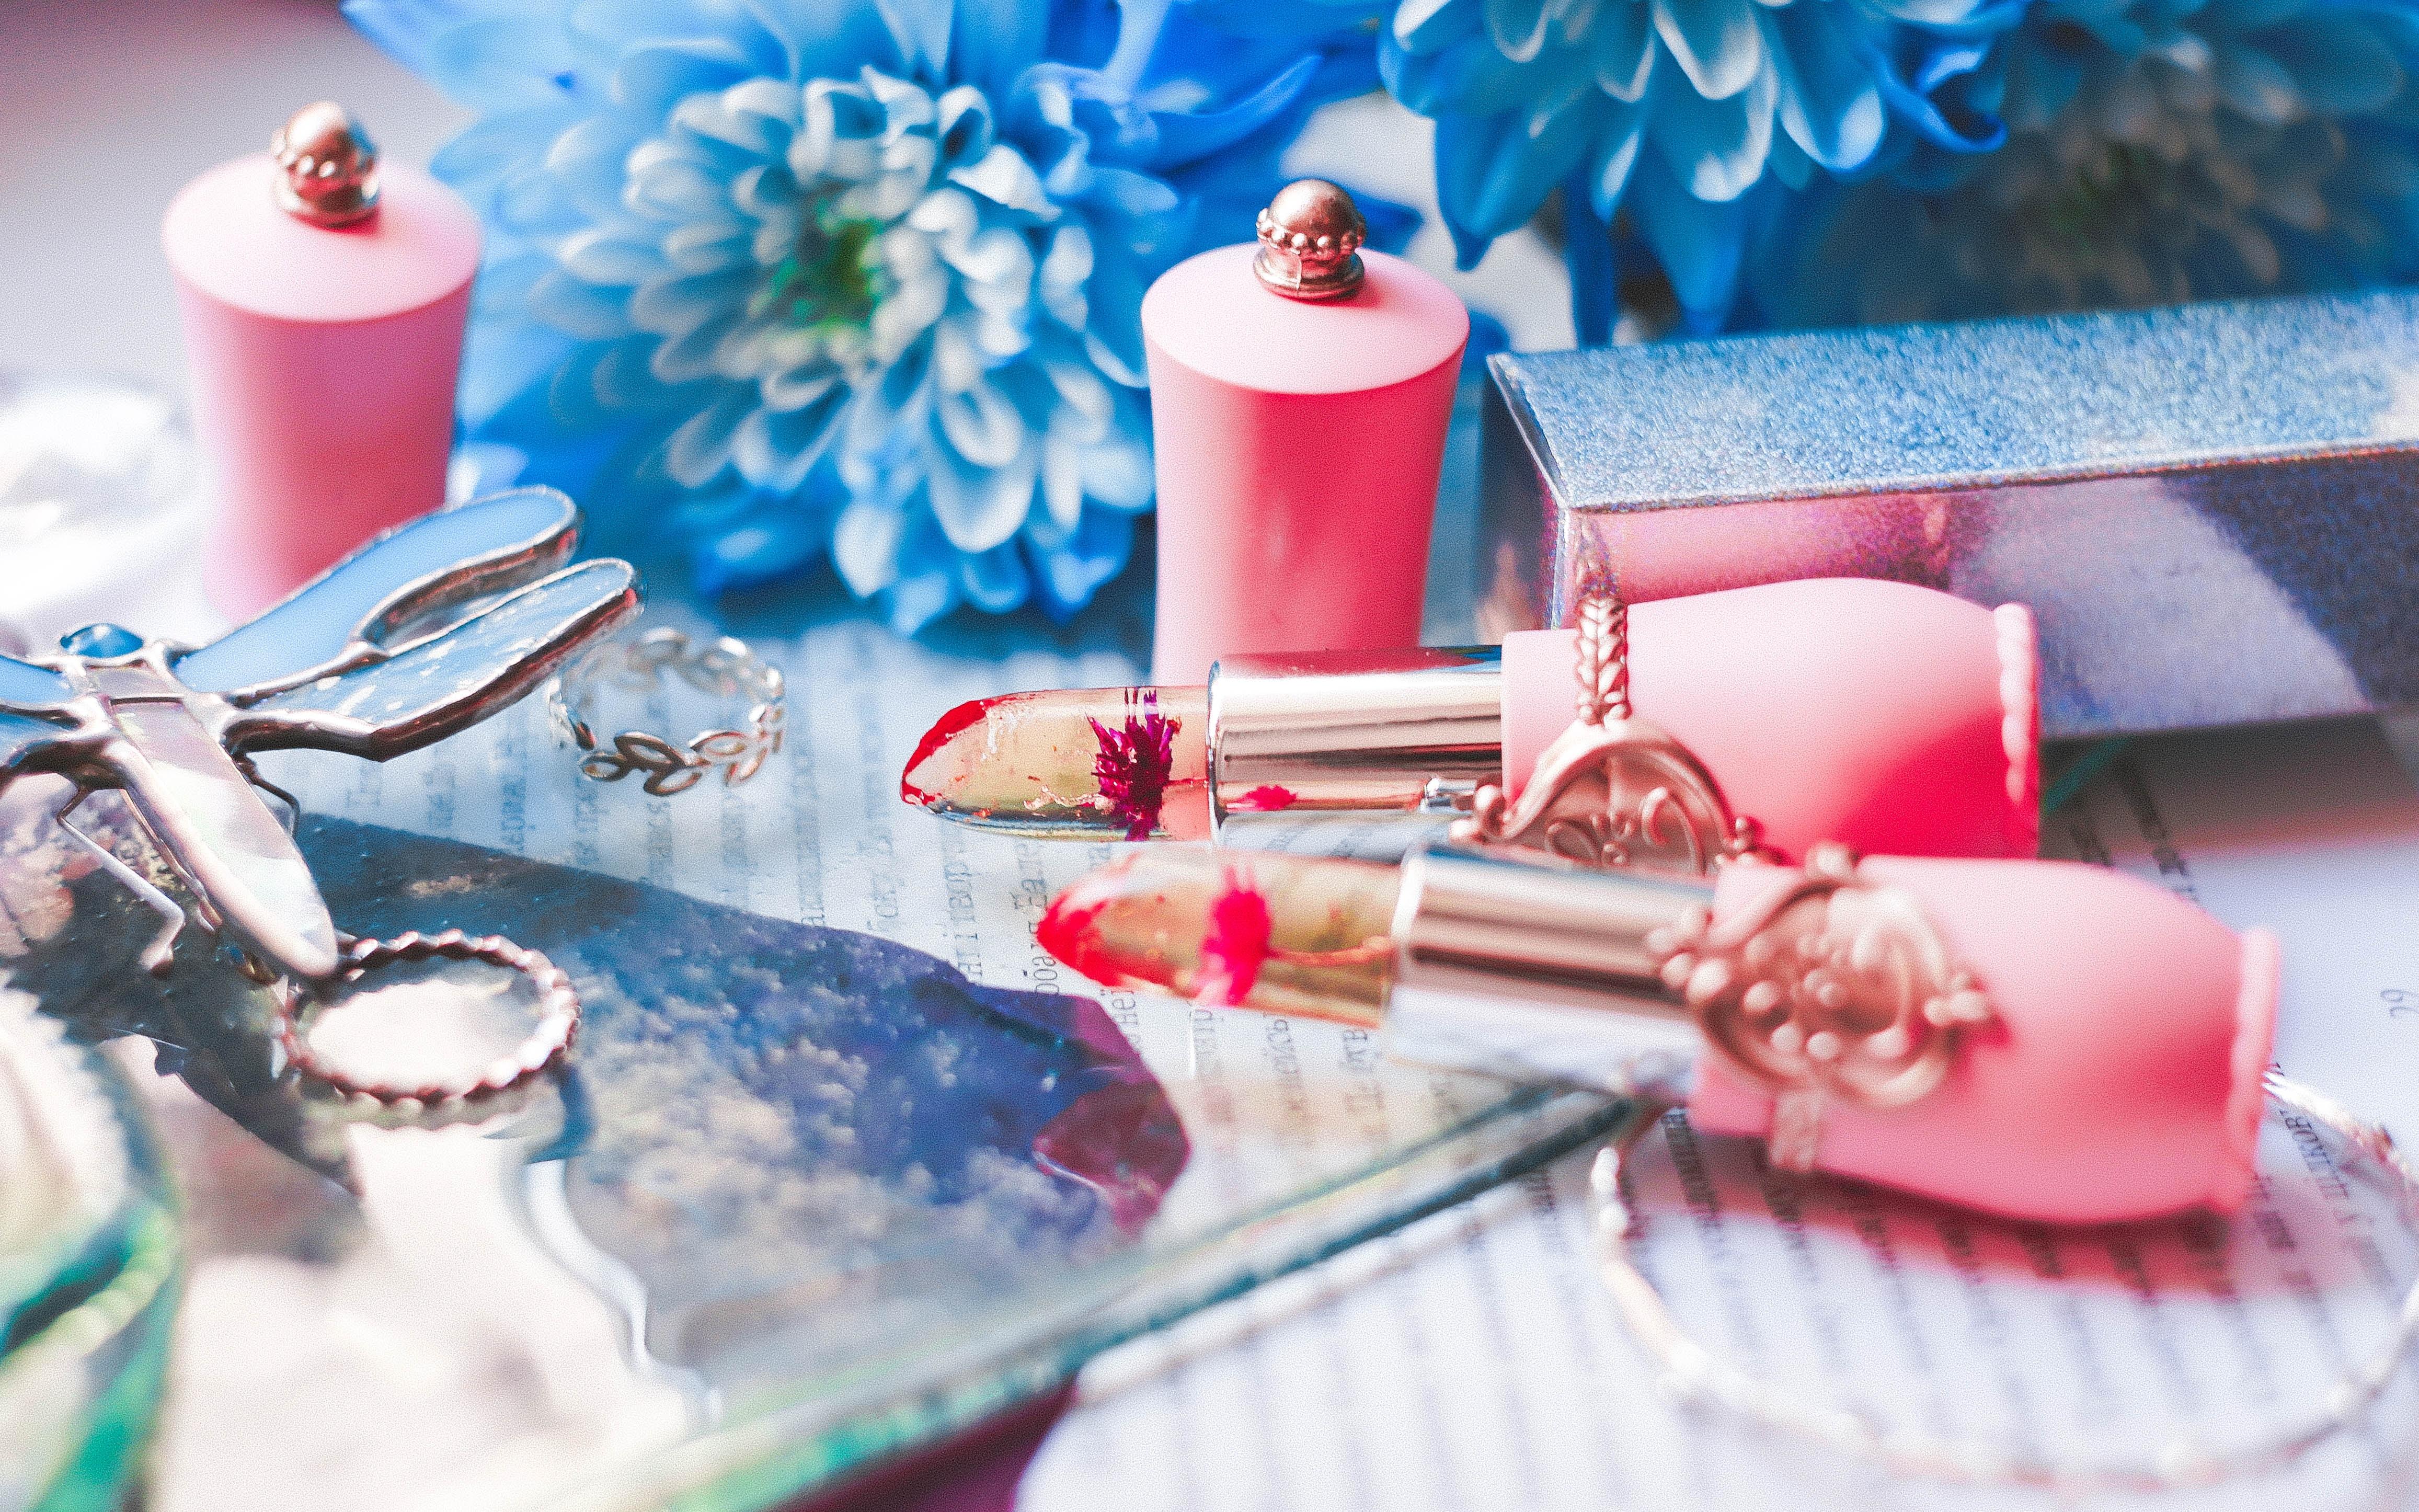 lipsticks beside gray box and bottles